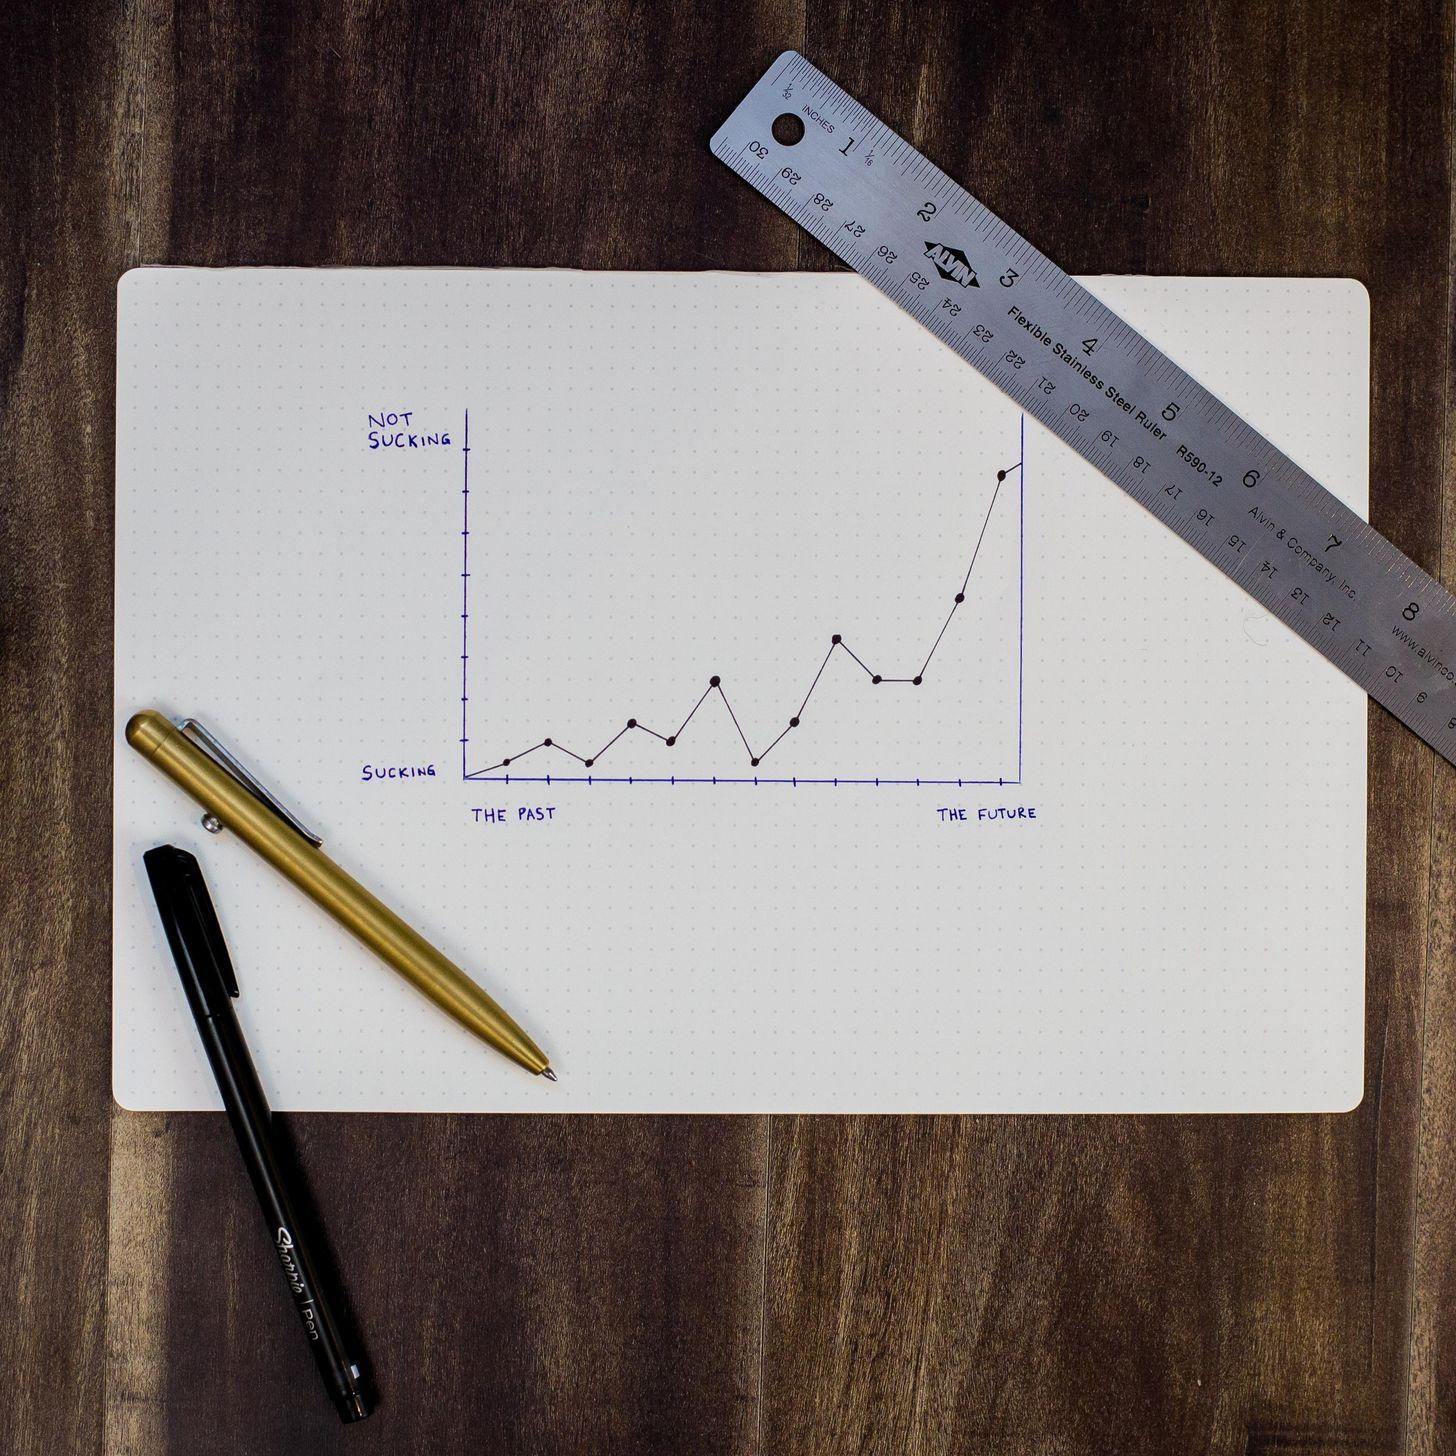 future_goals_graph_stock.jpg